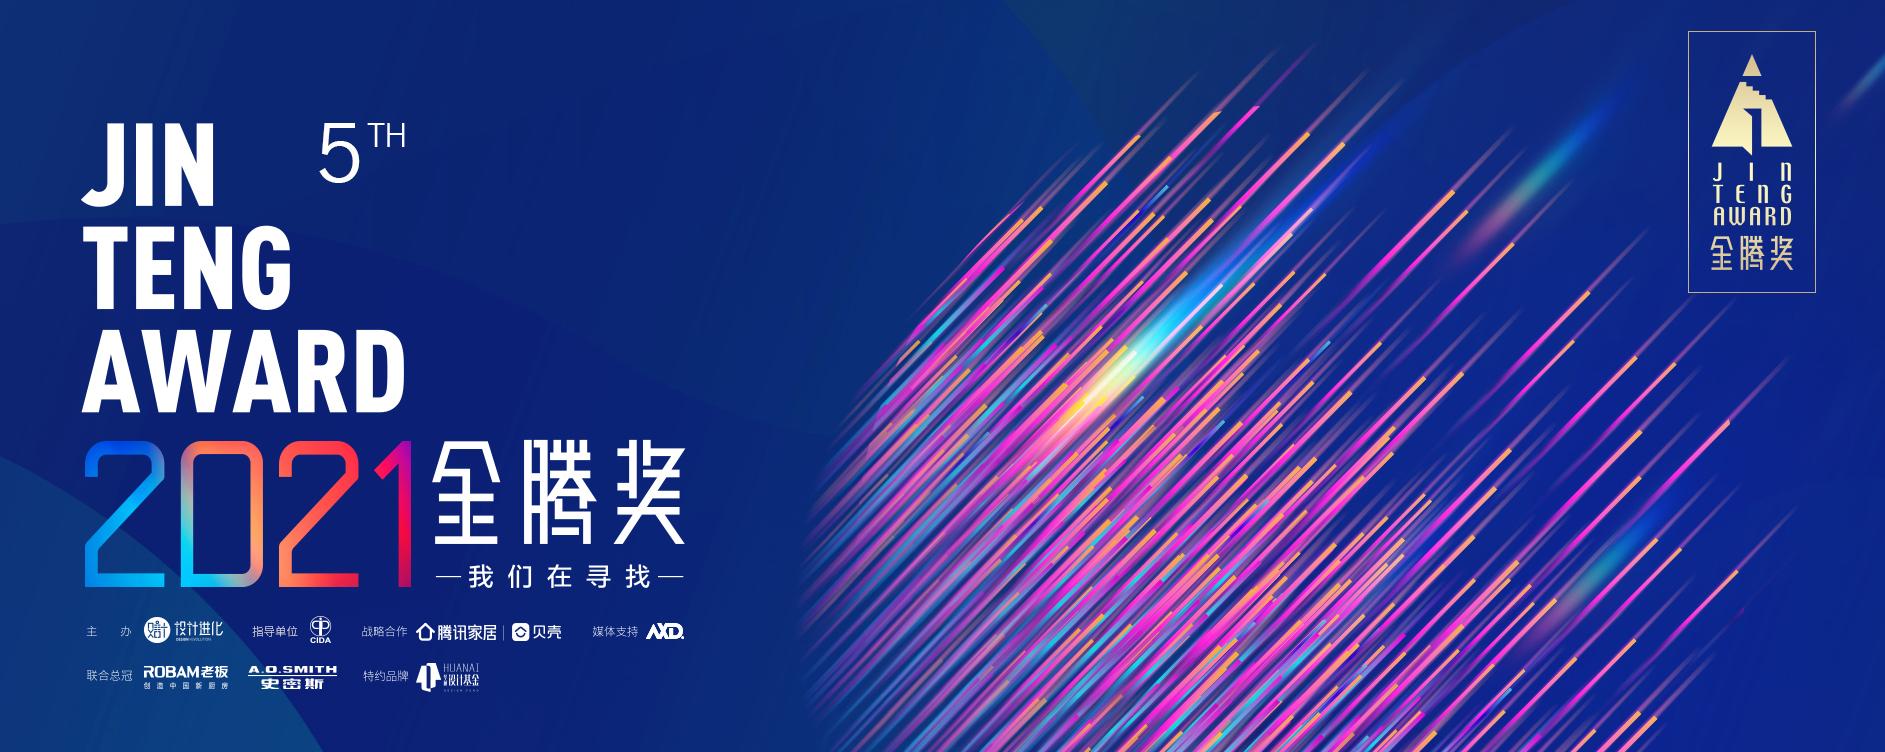 2021金騰獎